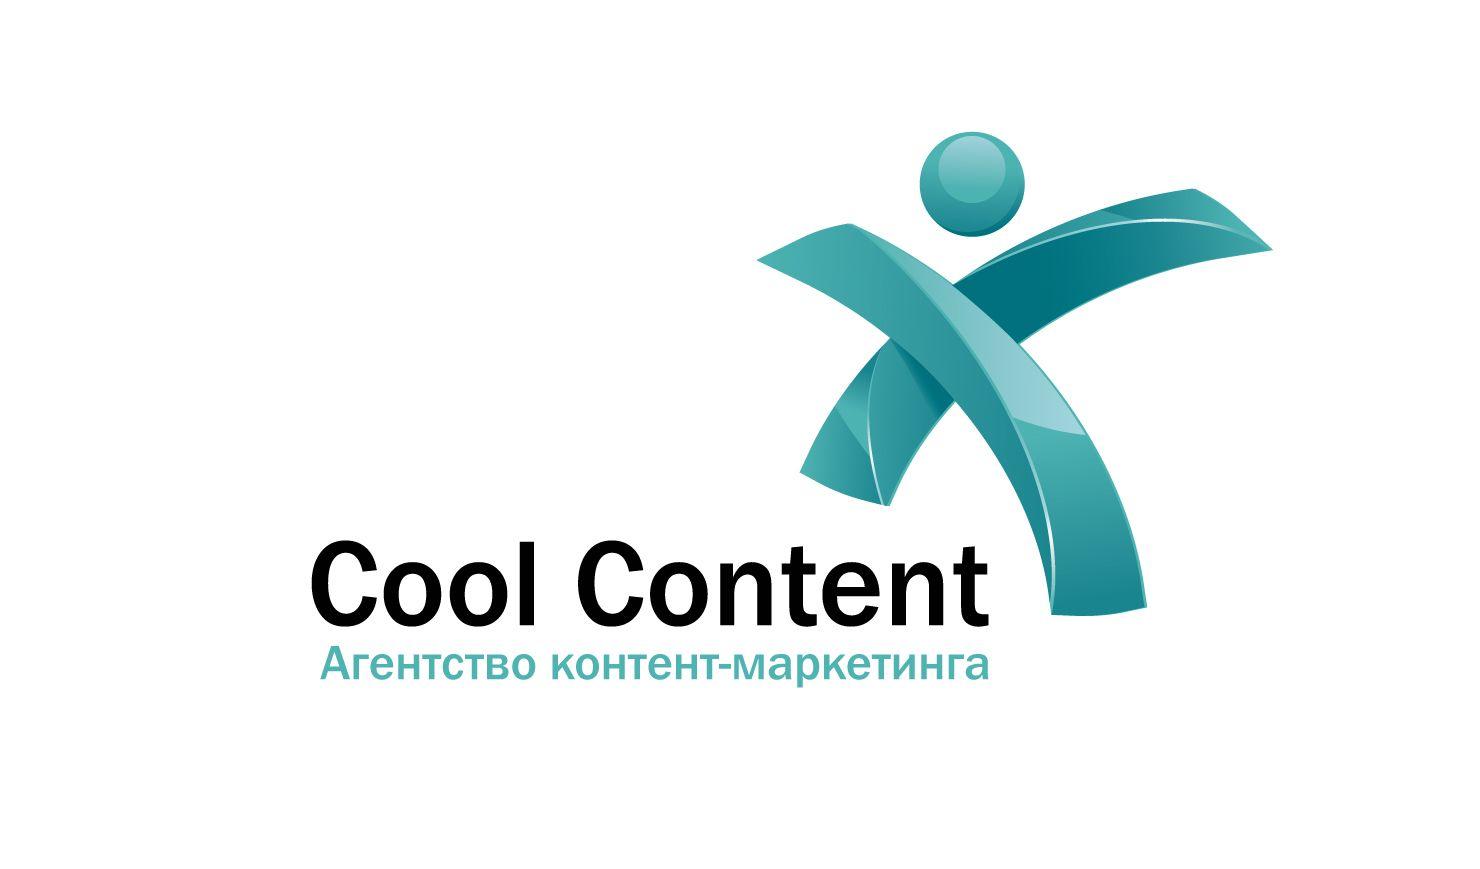 Лого для агентства Cool Content - дизайнер Tazk2222